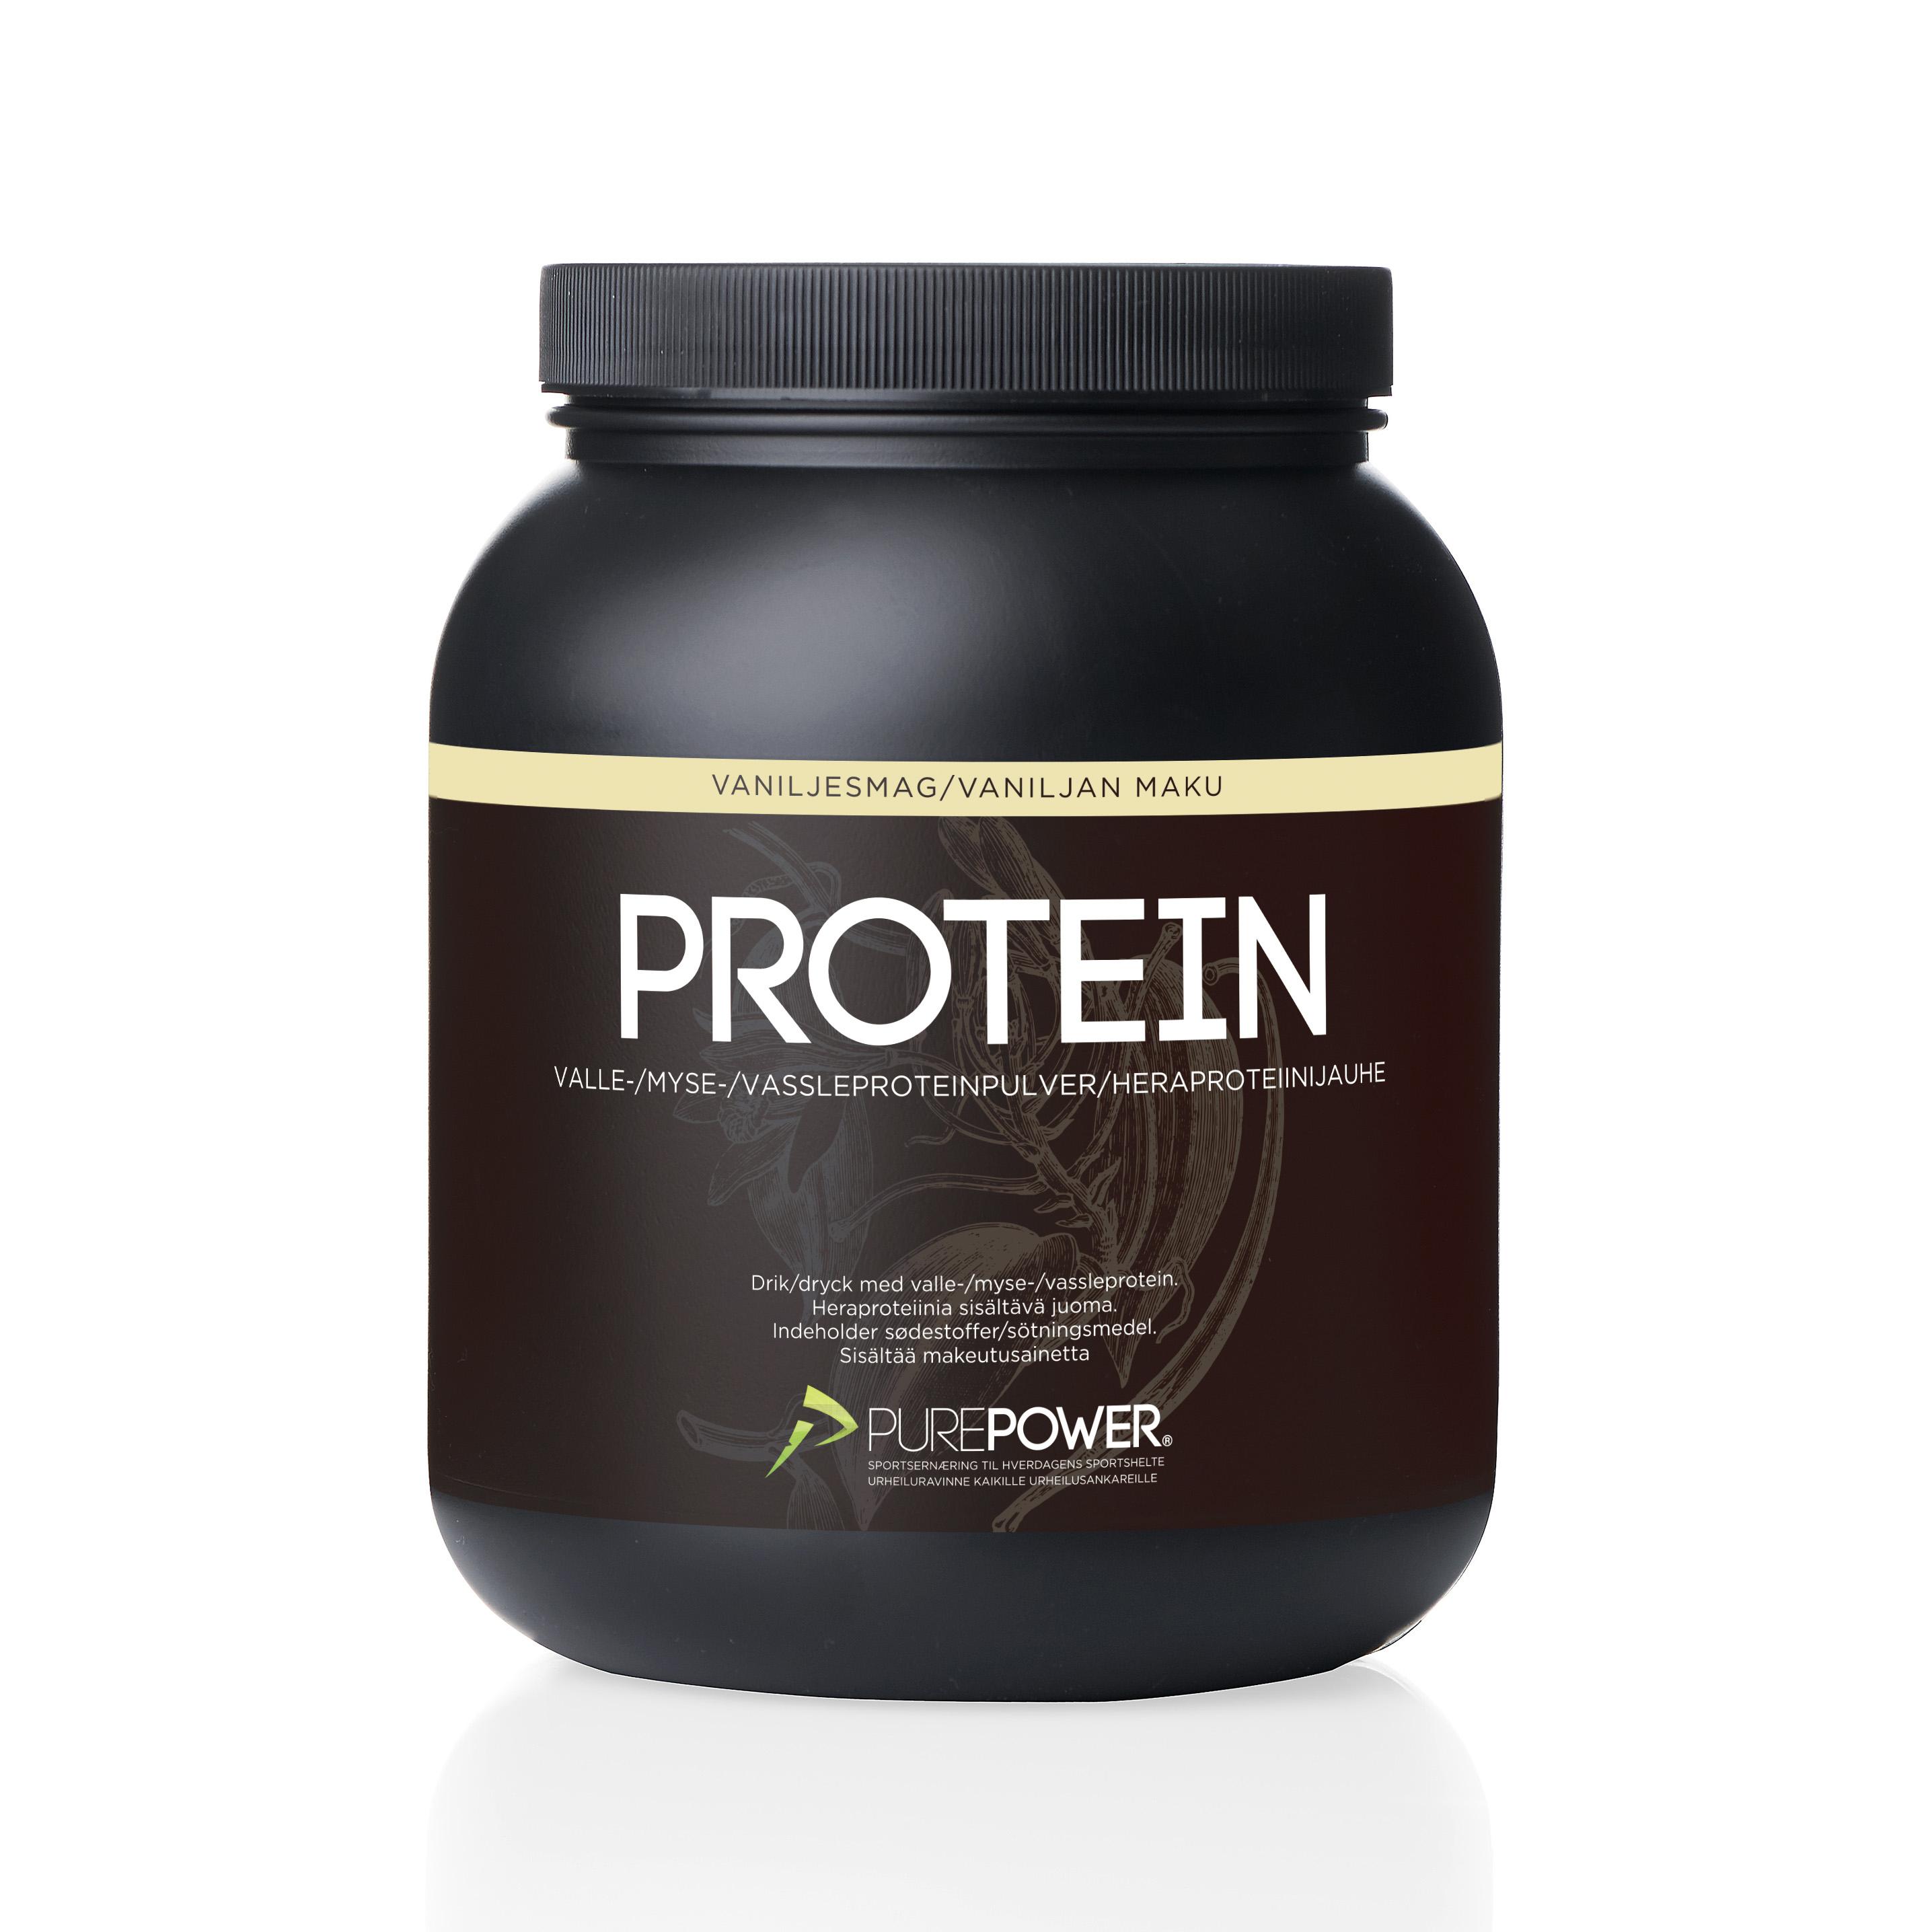 Purepower Proteinpulver - 1000g - Vanilie - 6944300   Proteinbar og -pulver